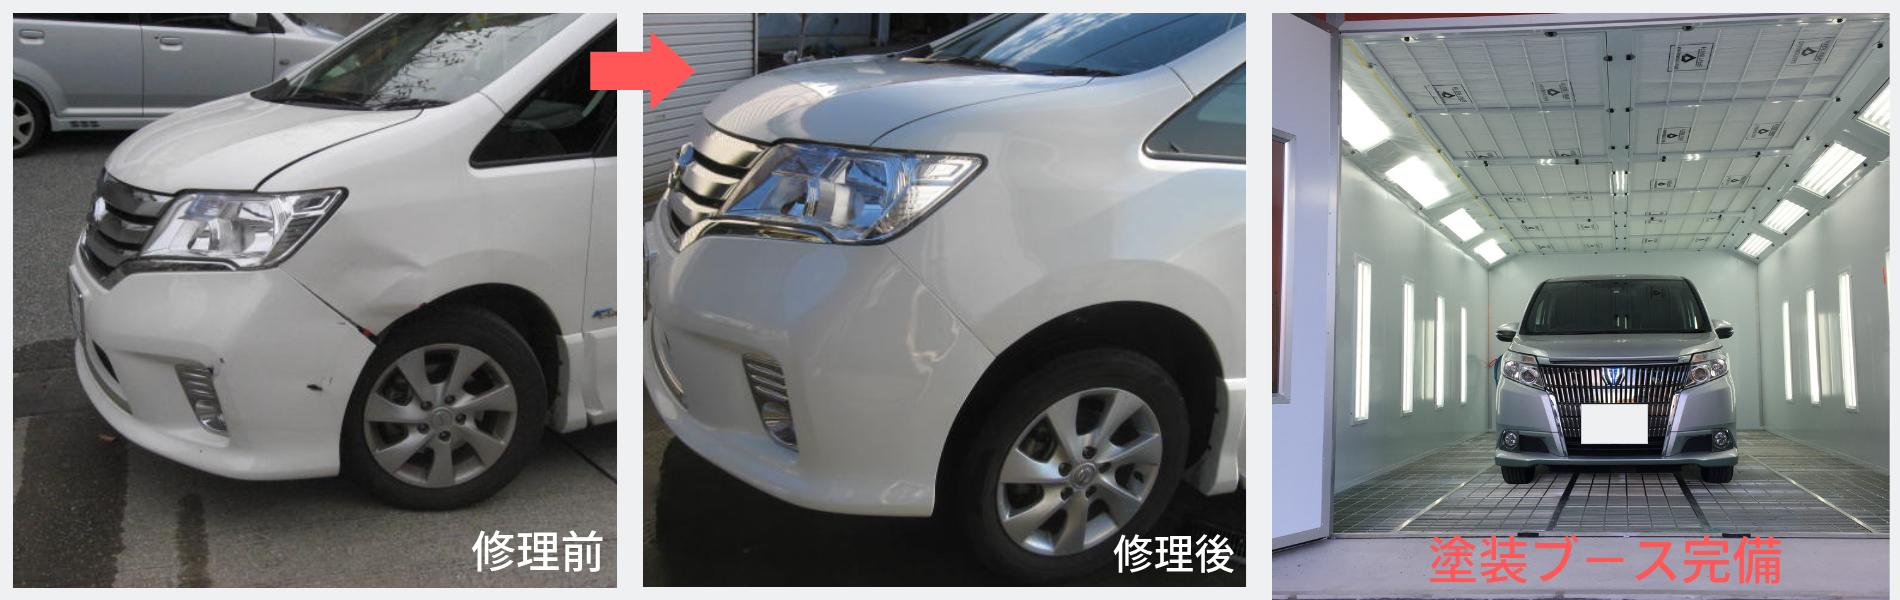 鋸南町 南房総市 富津市 鴨川市 館山市周辺のキズ・ヘコミ事故車の修理はお任せください。